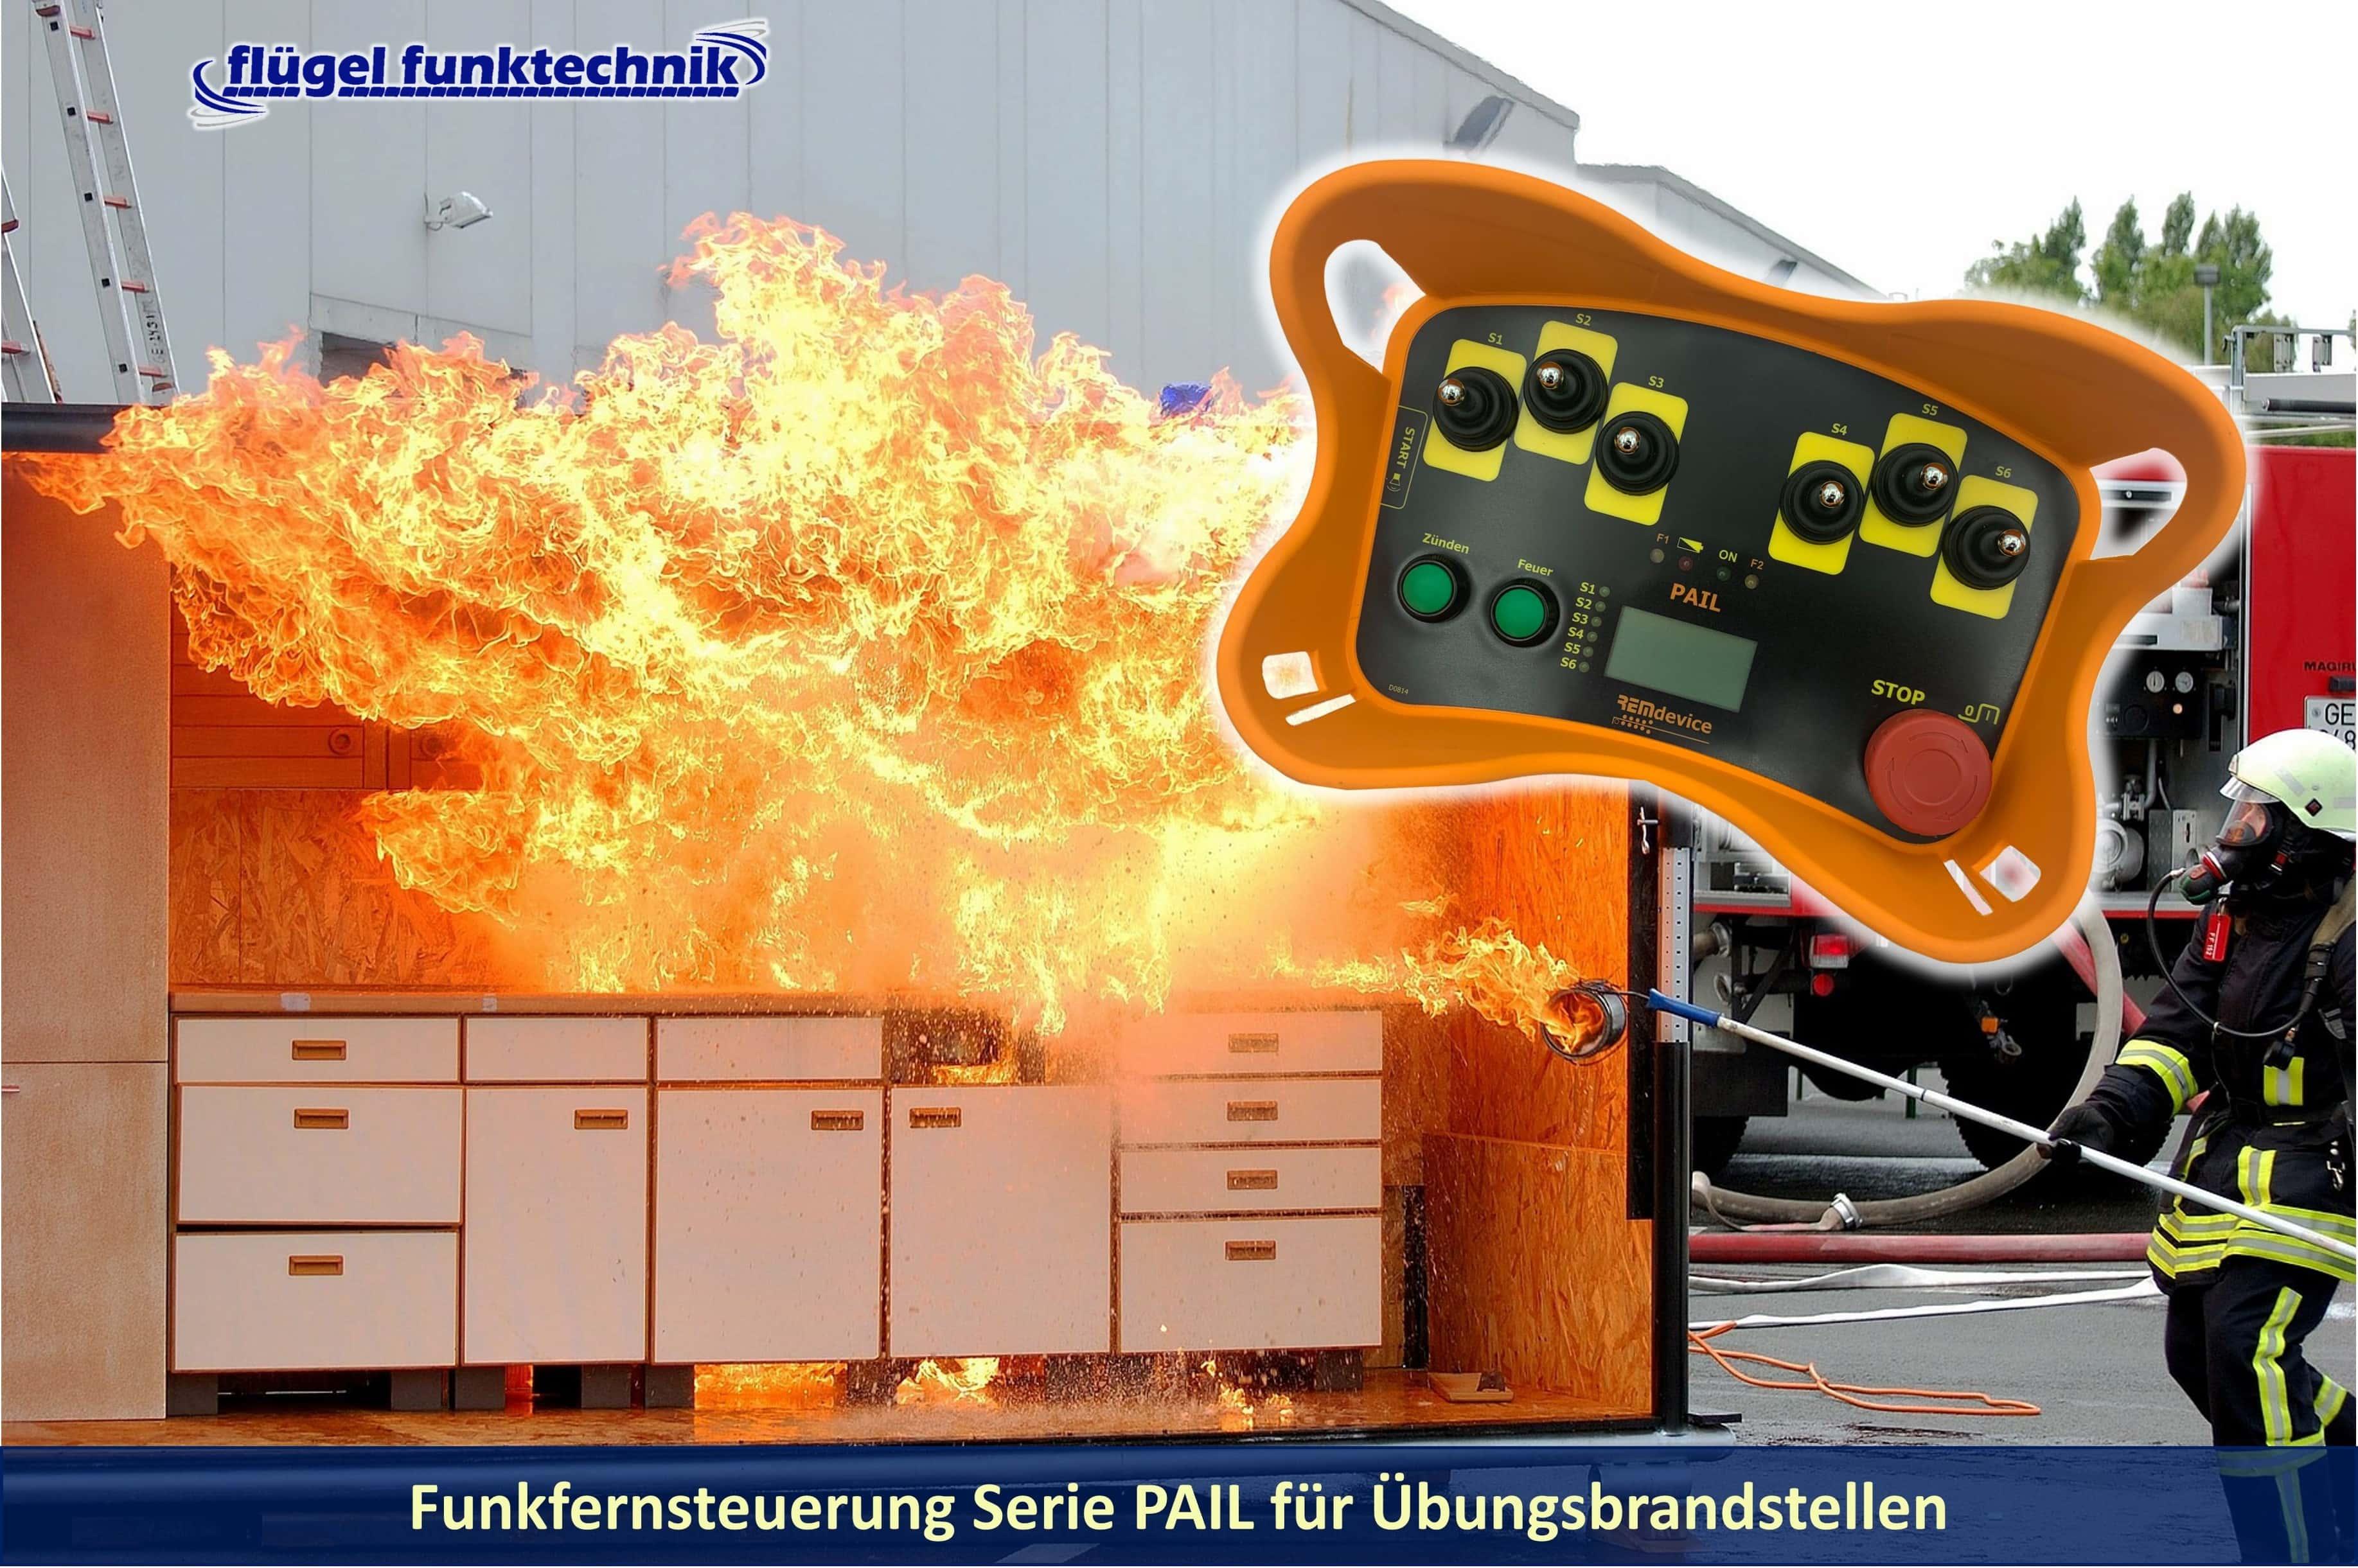 Funkfernsteuerung PAIL für Übungsbrandstellen